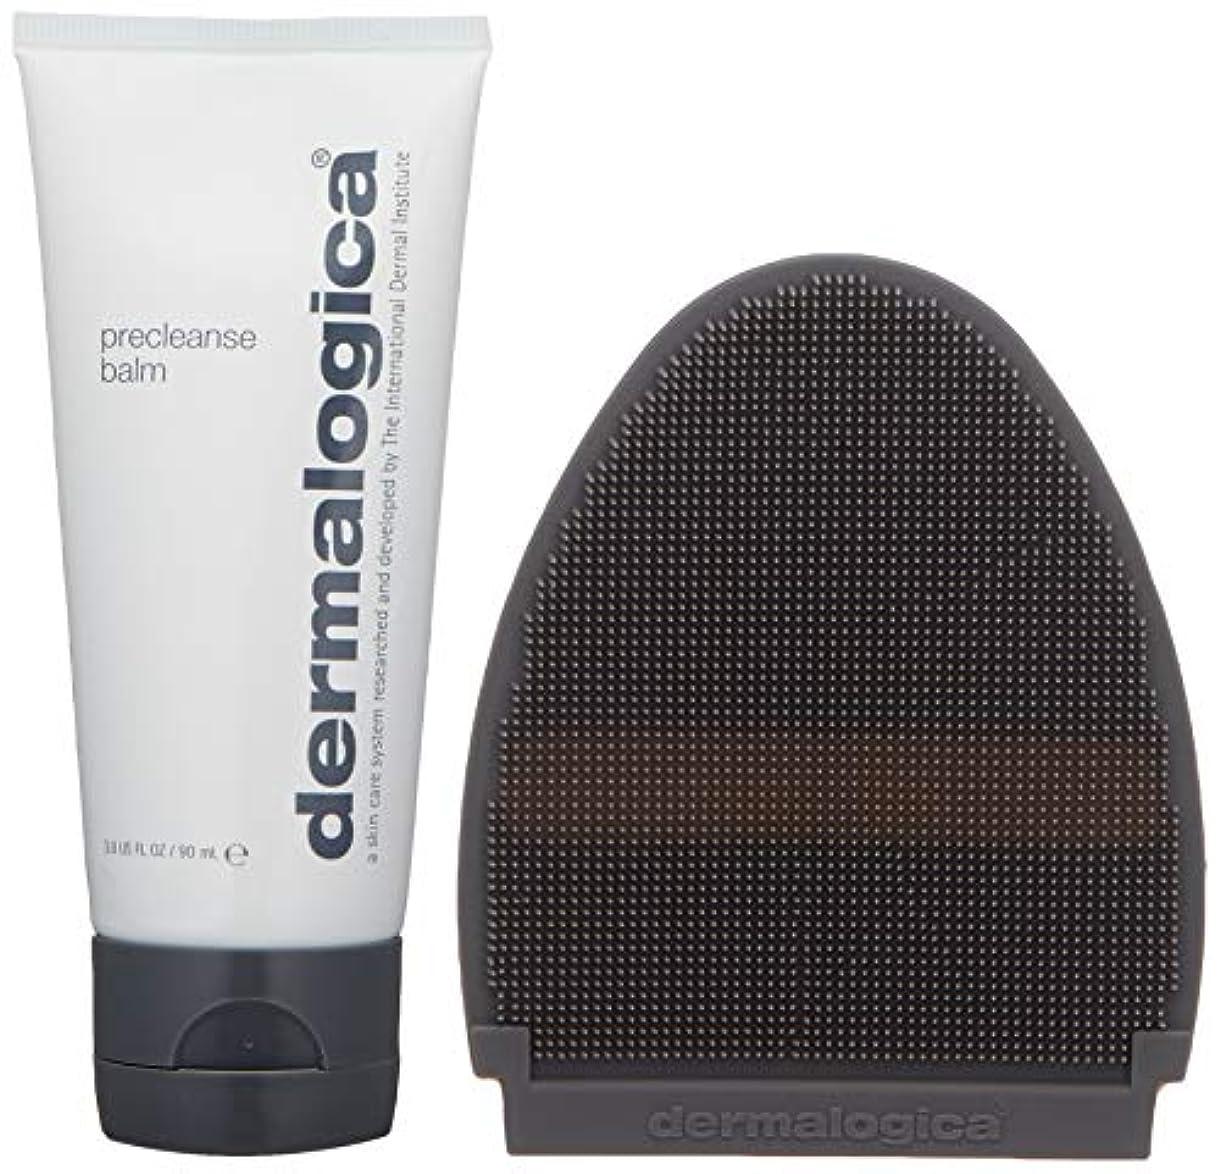 フィットグループ教義ダーマロジカ Precleanse Balm (with Cleansing Mitt) - For Normal to Dry Skin 90ml/3oz並行輸入品